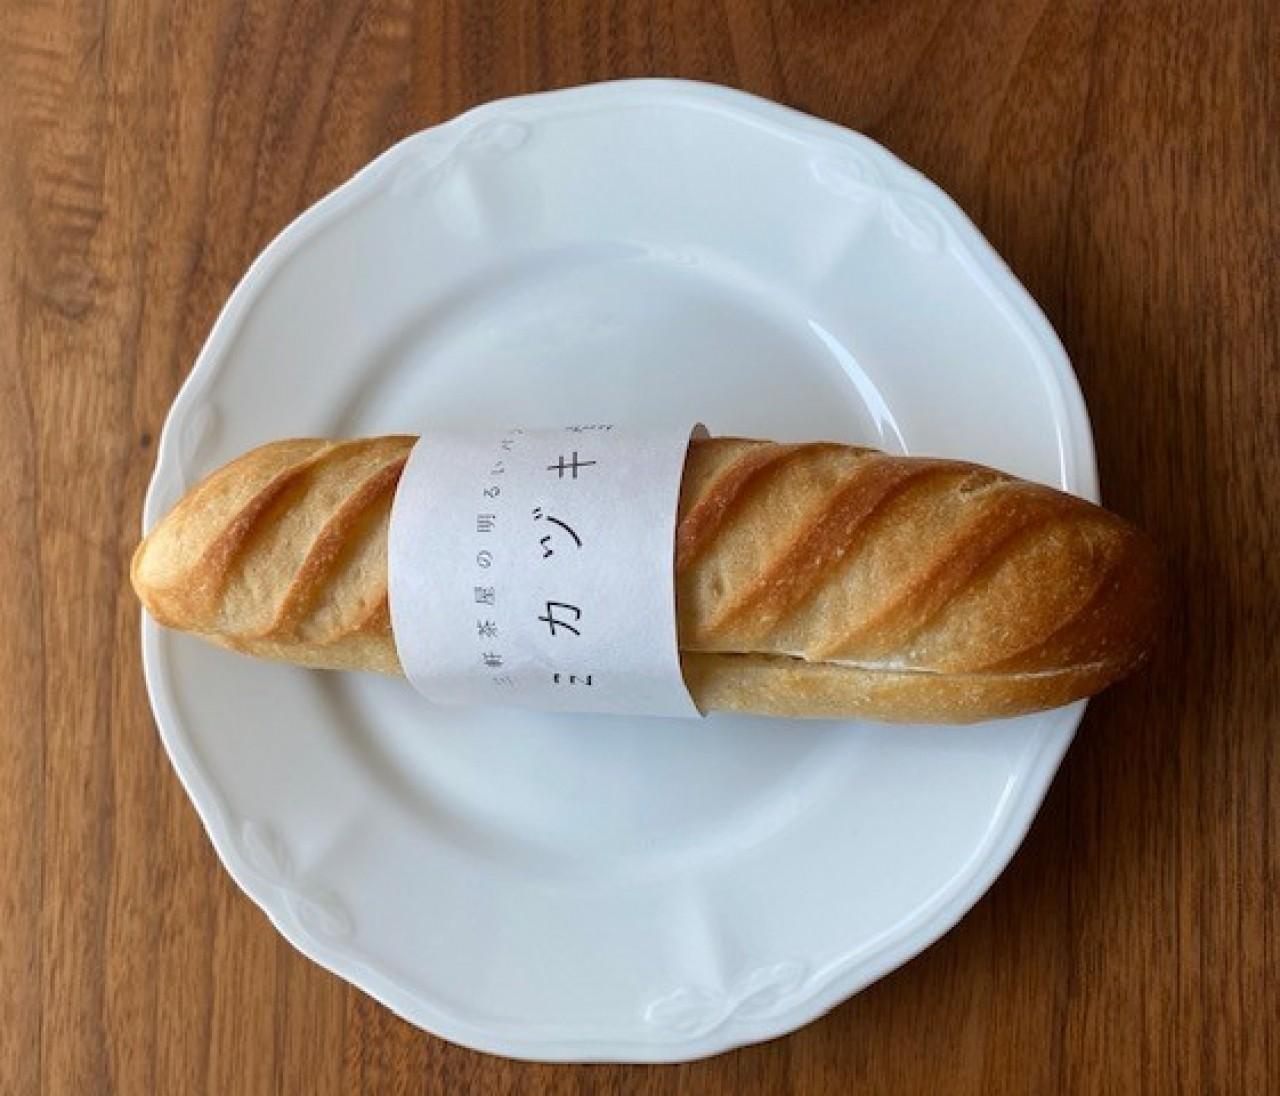 【エディターのおうち私物#13】テレワークのおともに。おやつタイムが待ち遠しくなる、おいしいパン